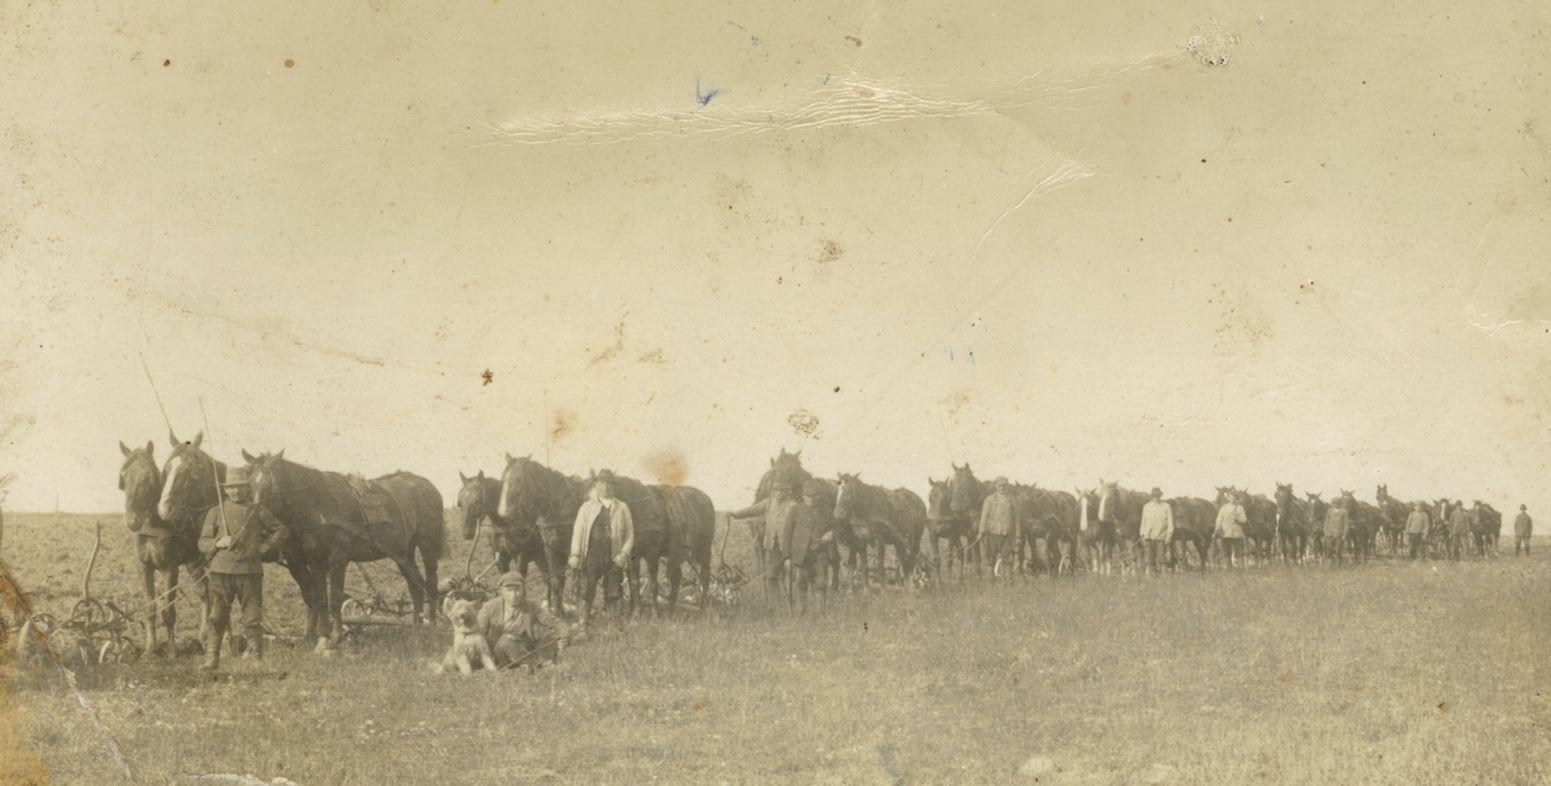 Landwirtschaft in der zweiten Hälfte des 19. und der ersten Hälfte des 19. Jahrhunderts.